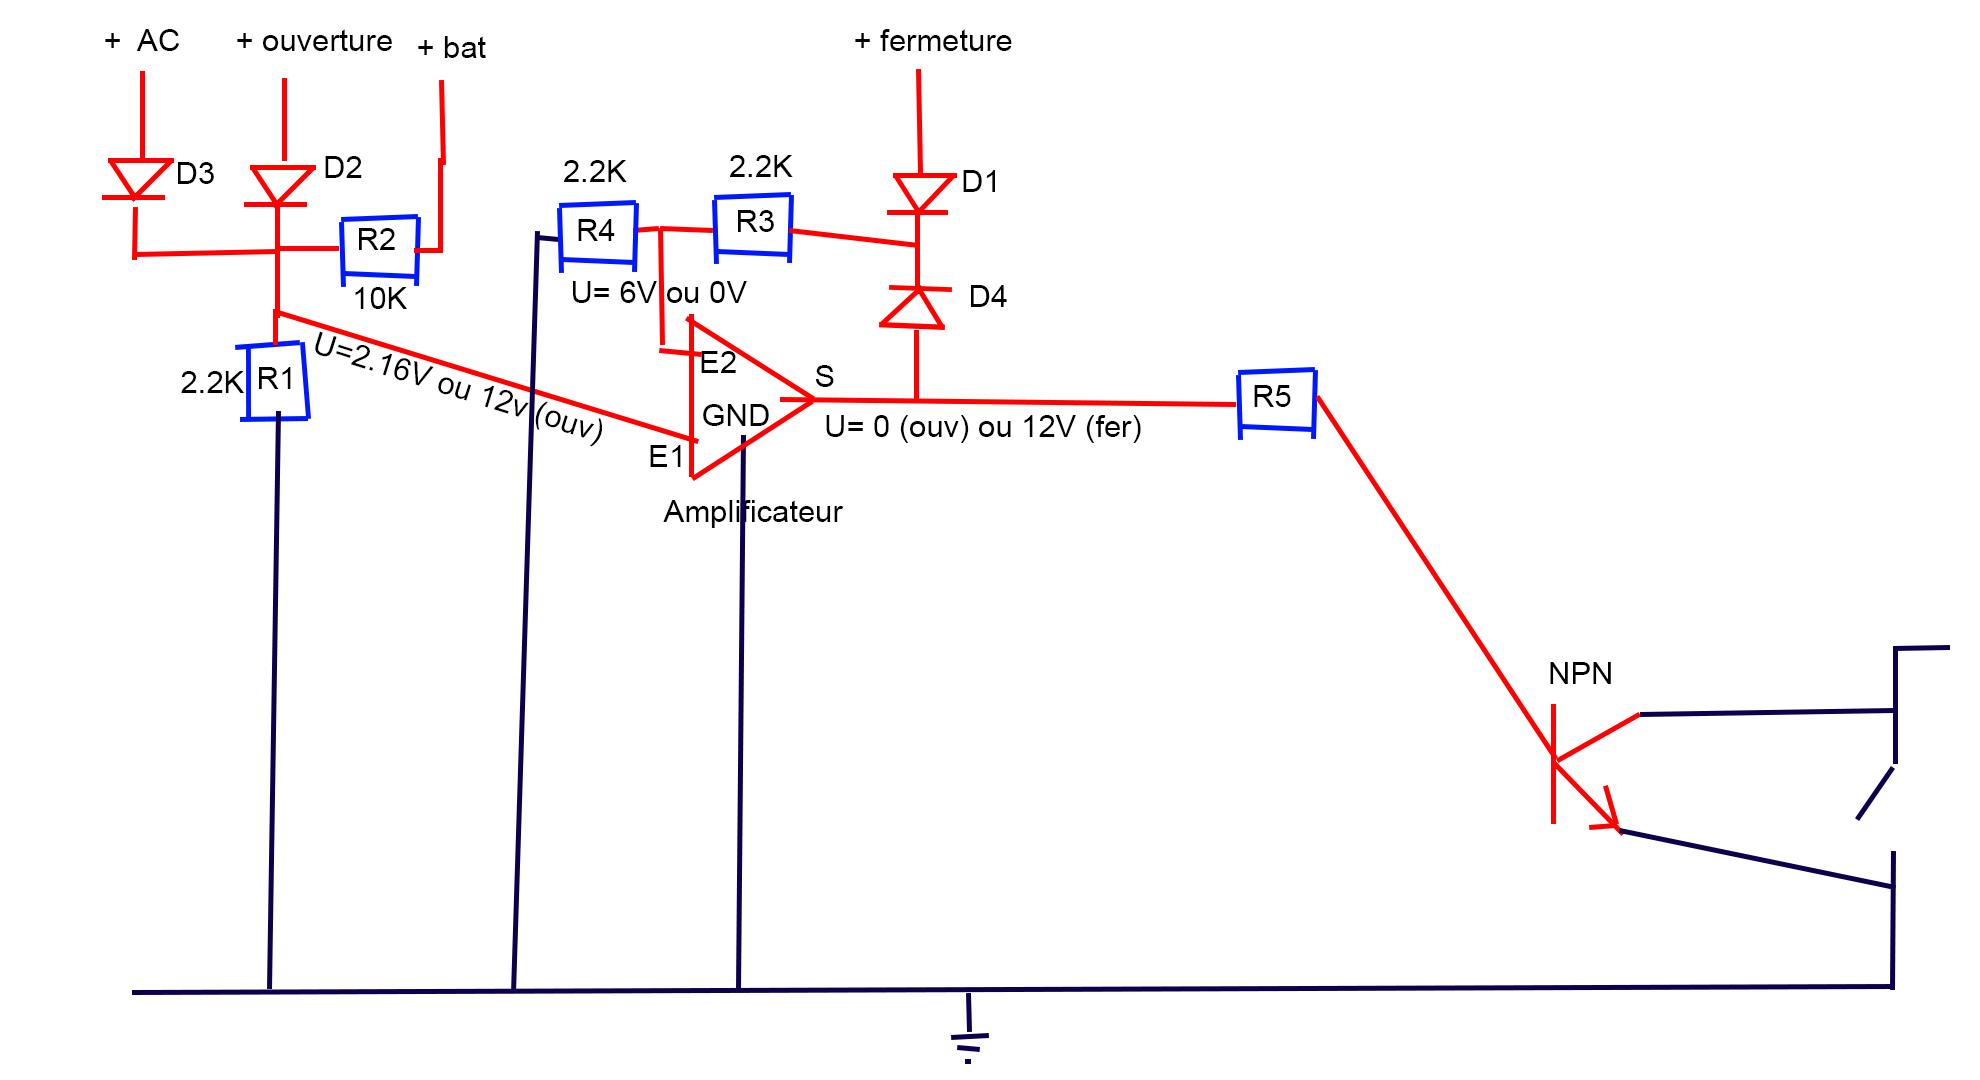 PapyKy : S4 - Fermer les rétroviseurs sur vérouillage des portes, contact coupé. Schema11